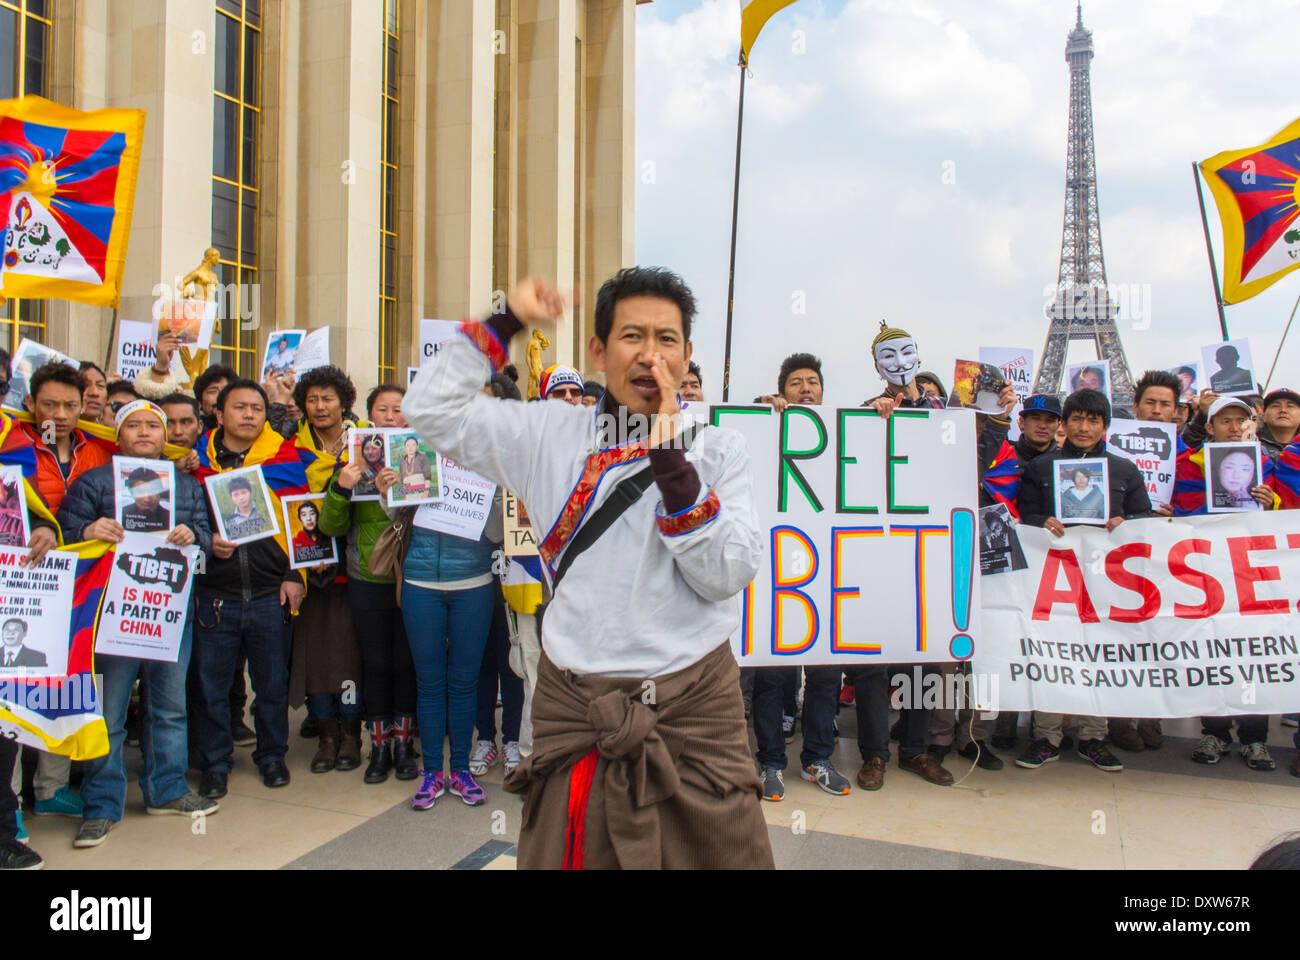 Le Tibétain, les communautés ethniques taiwanais de la France, et les amis ont appelé à des citoyens français à se mobiliser au cours de la visite du président chinois à Paris, en maintenant des signes de protestation, les manifestations de défense des droits des citoyens Banque D'Images